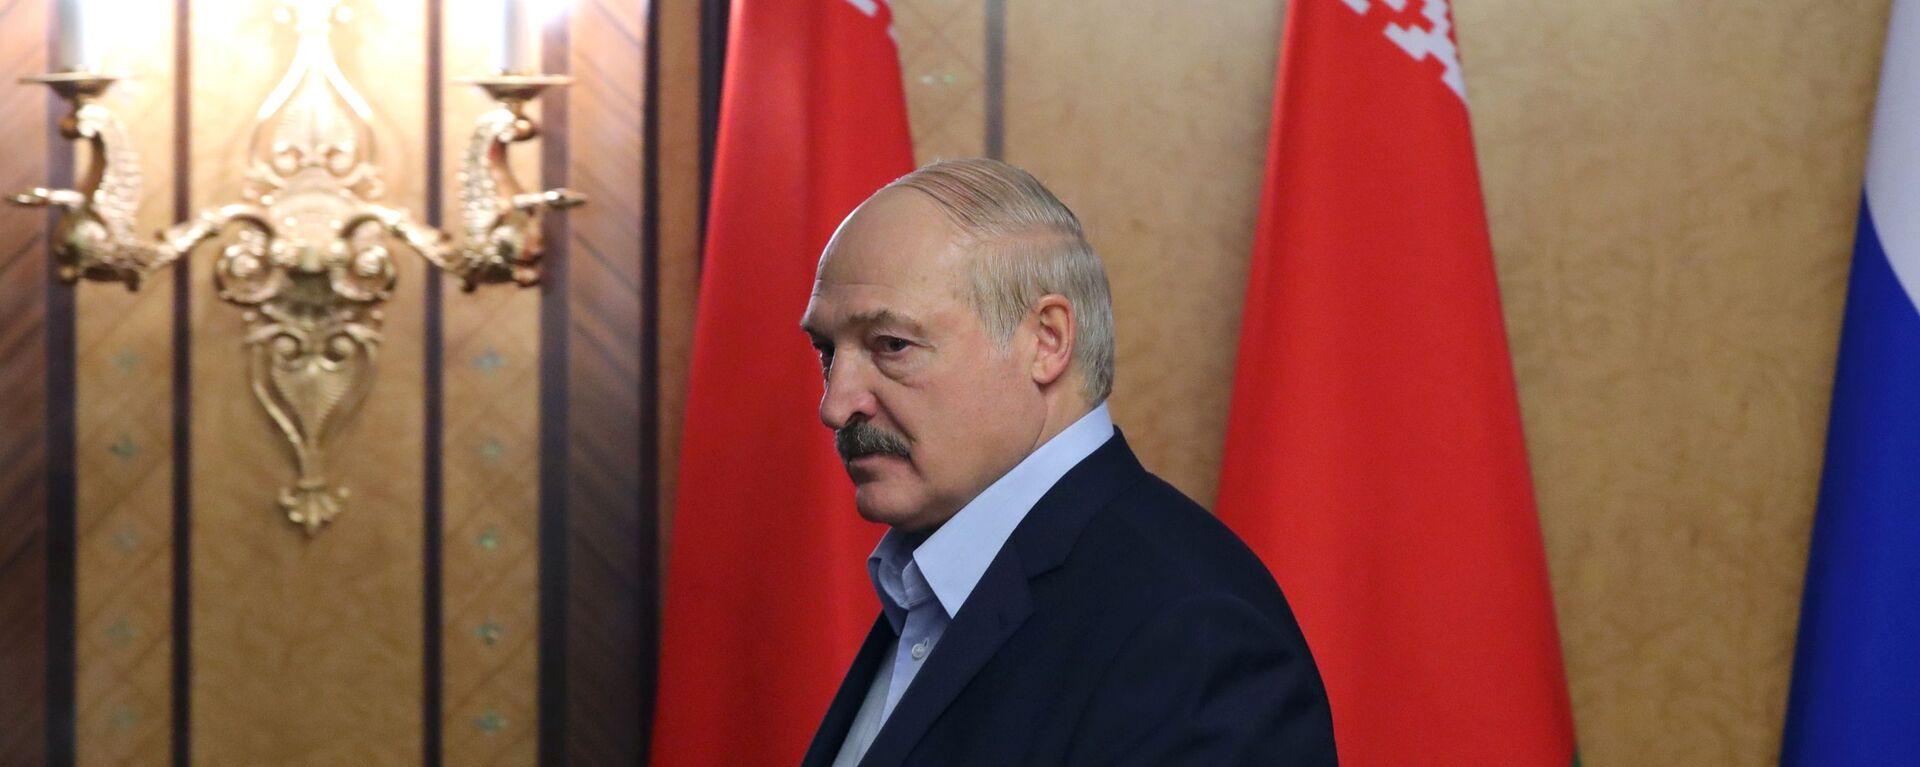 Běloruský prezident Alexandr Lukašenko - Sputnik Česká republika, 1920, 21.06.2021